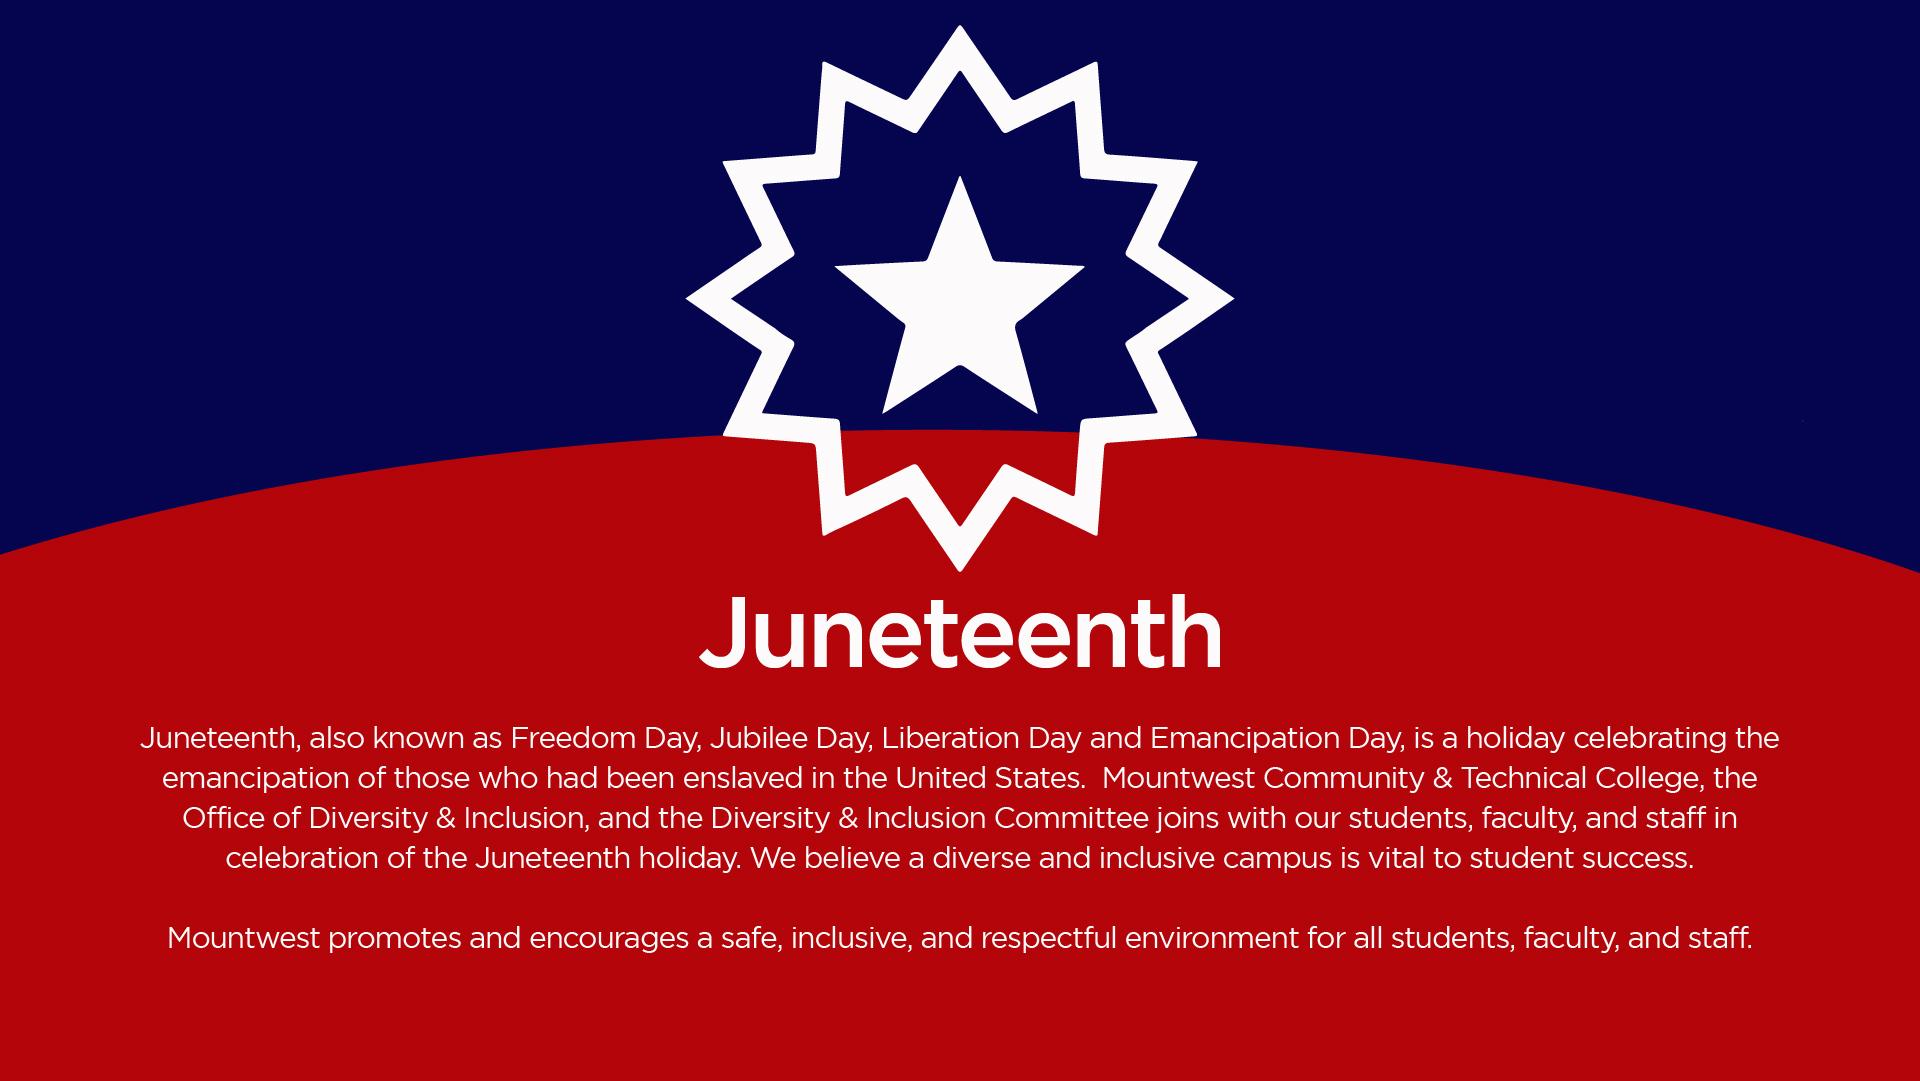 Juneteenth-01